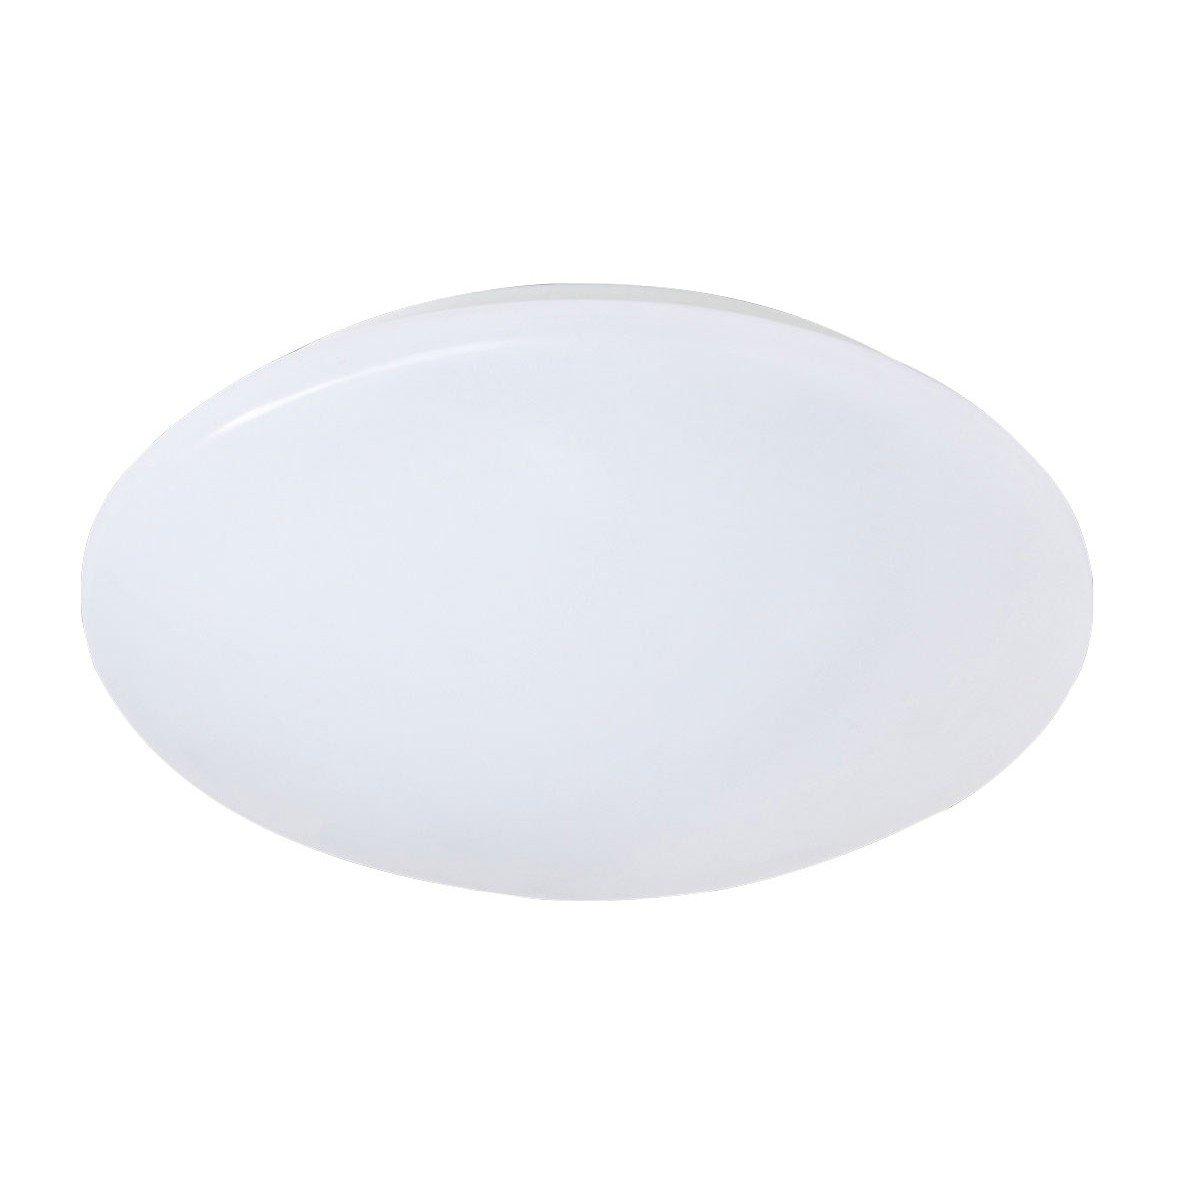 Reality Leuchten LED Deckenleuchte, 12 W, Kunstoff, Durchmesser 28 ...